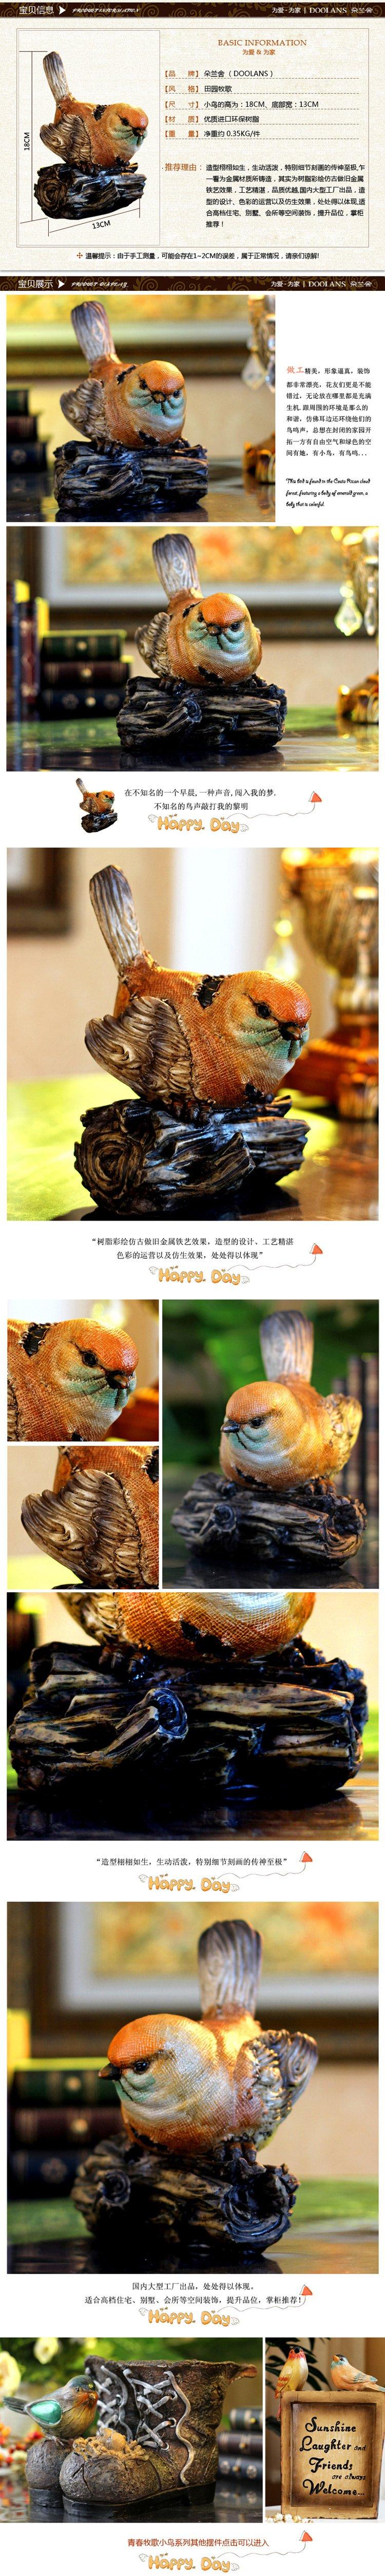 朵兰舍doolans创意乡村动物小鸟工艺装饰品302-42